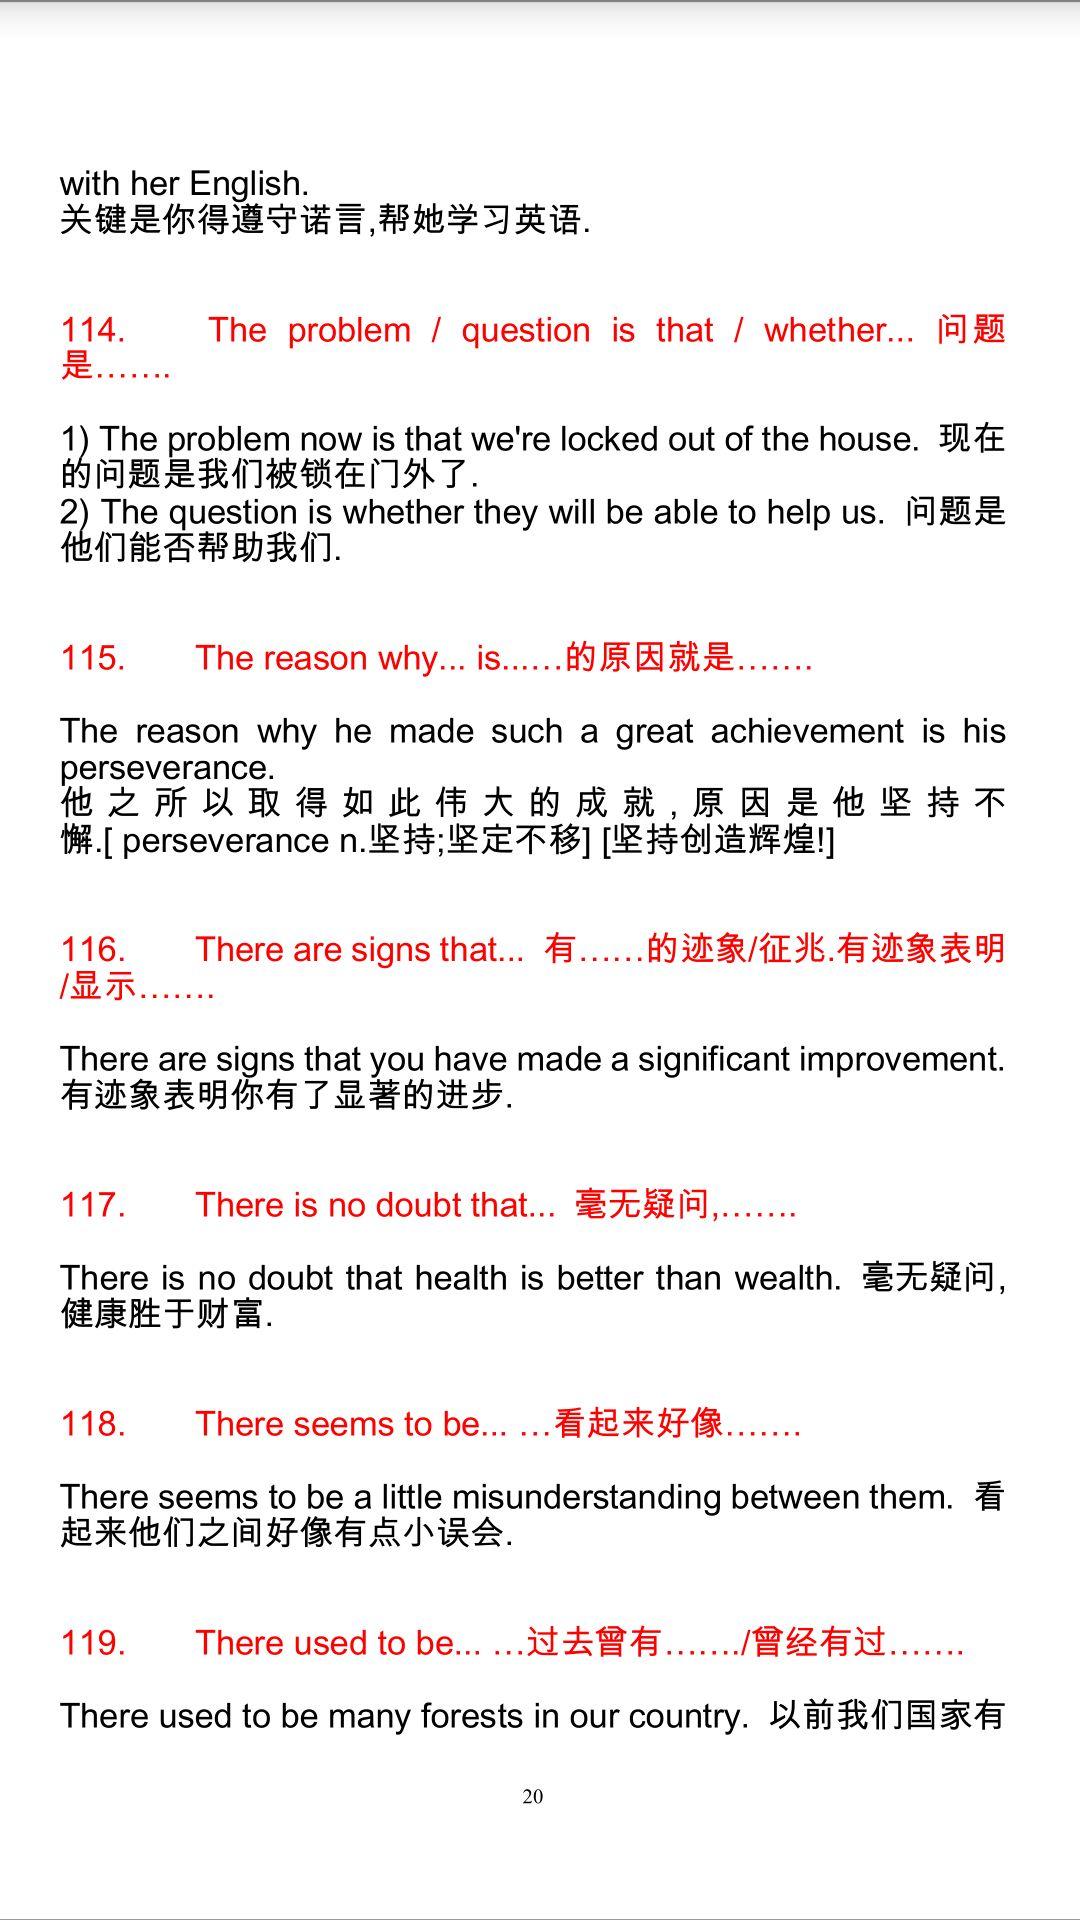 高中英语知识点归纳:高中英语常用重点句型合格考是什么高中上海图片